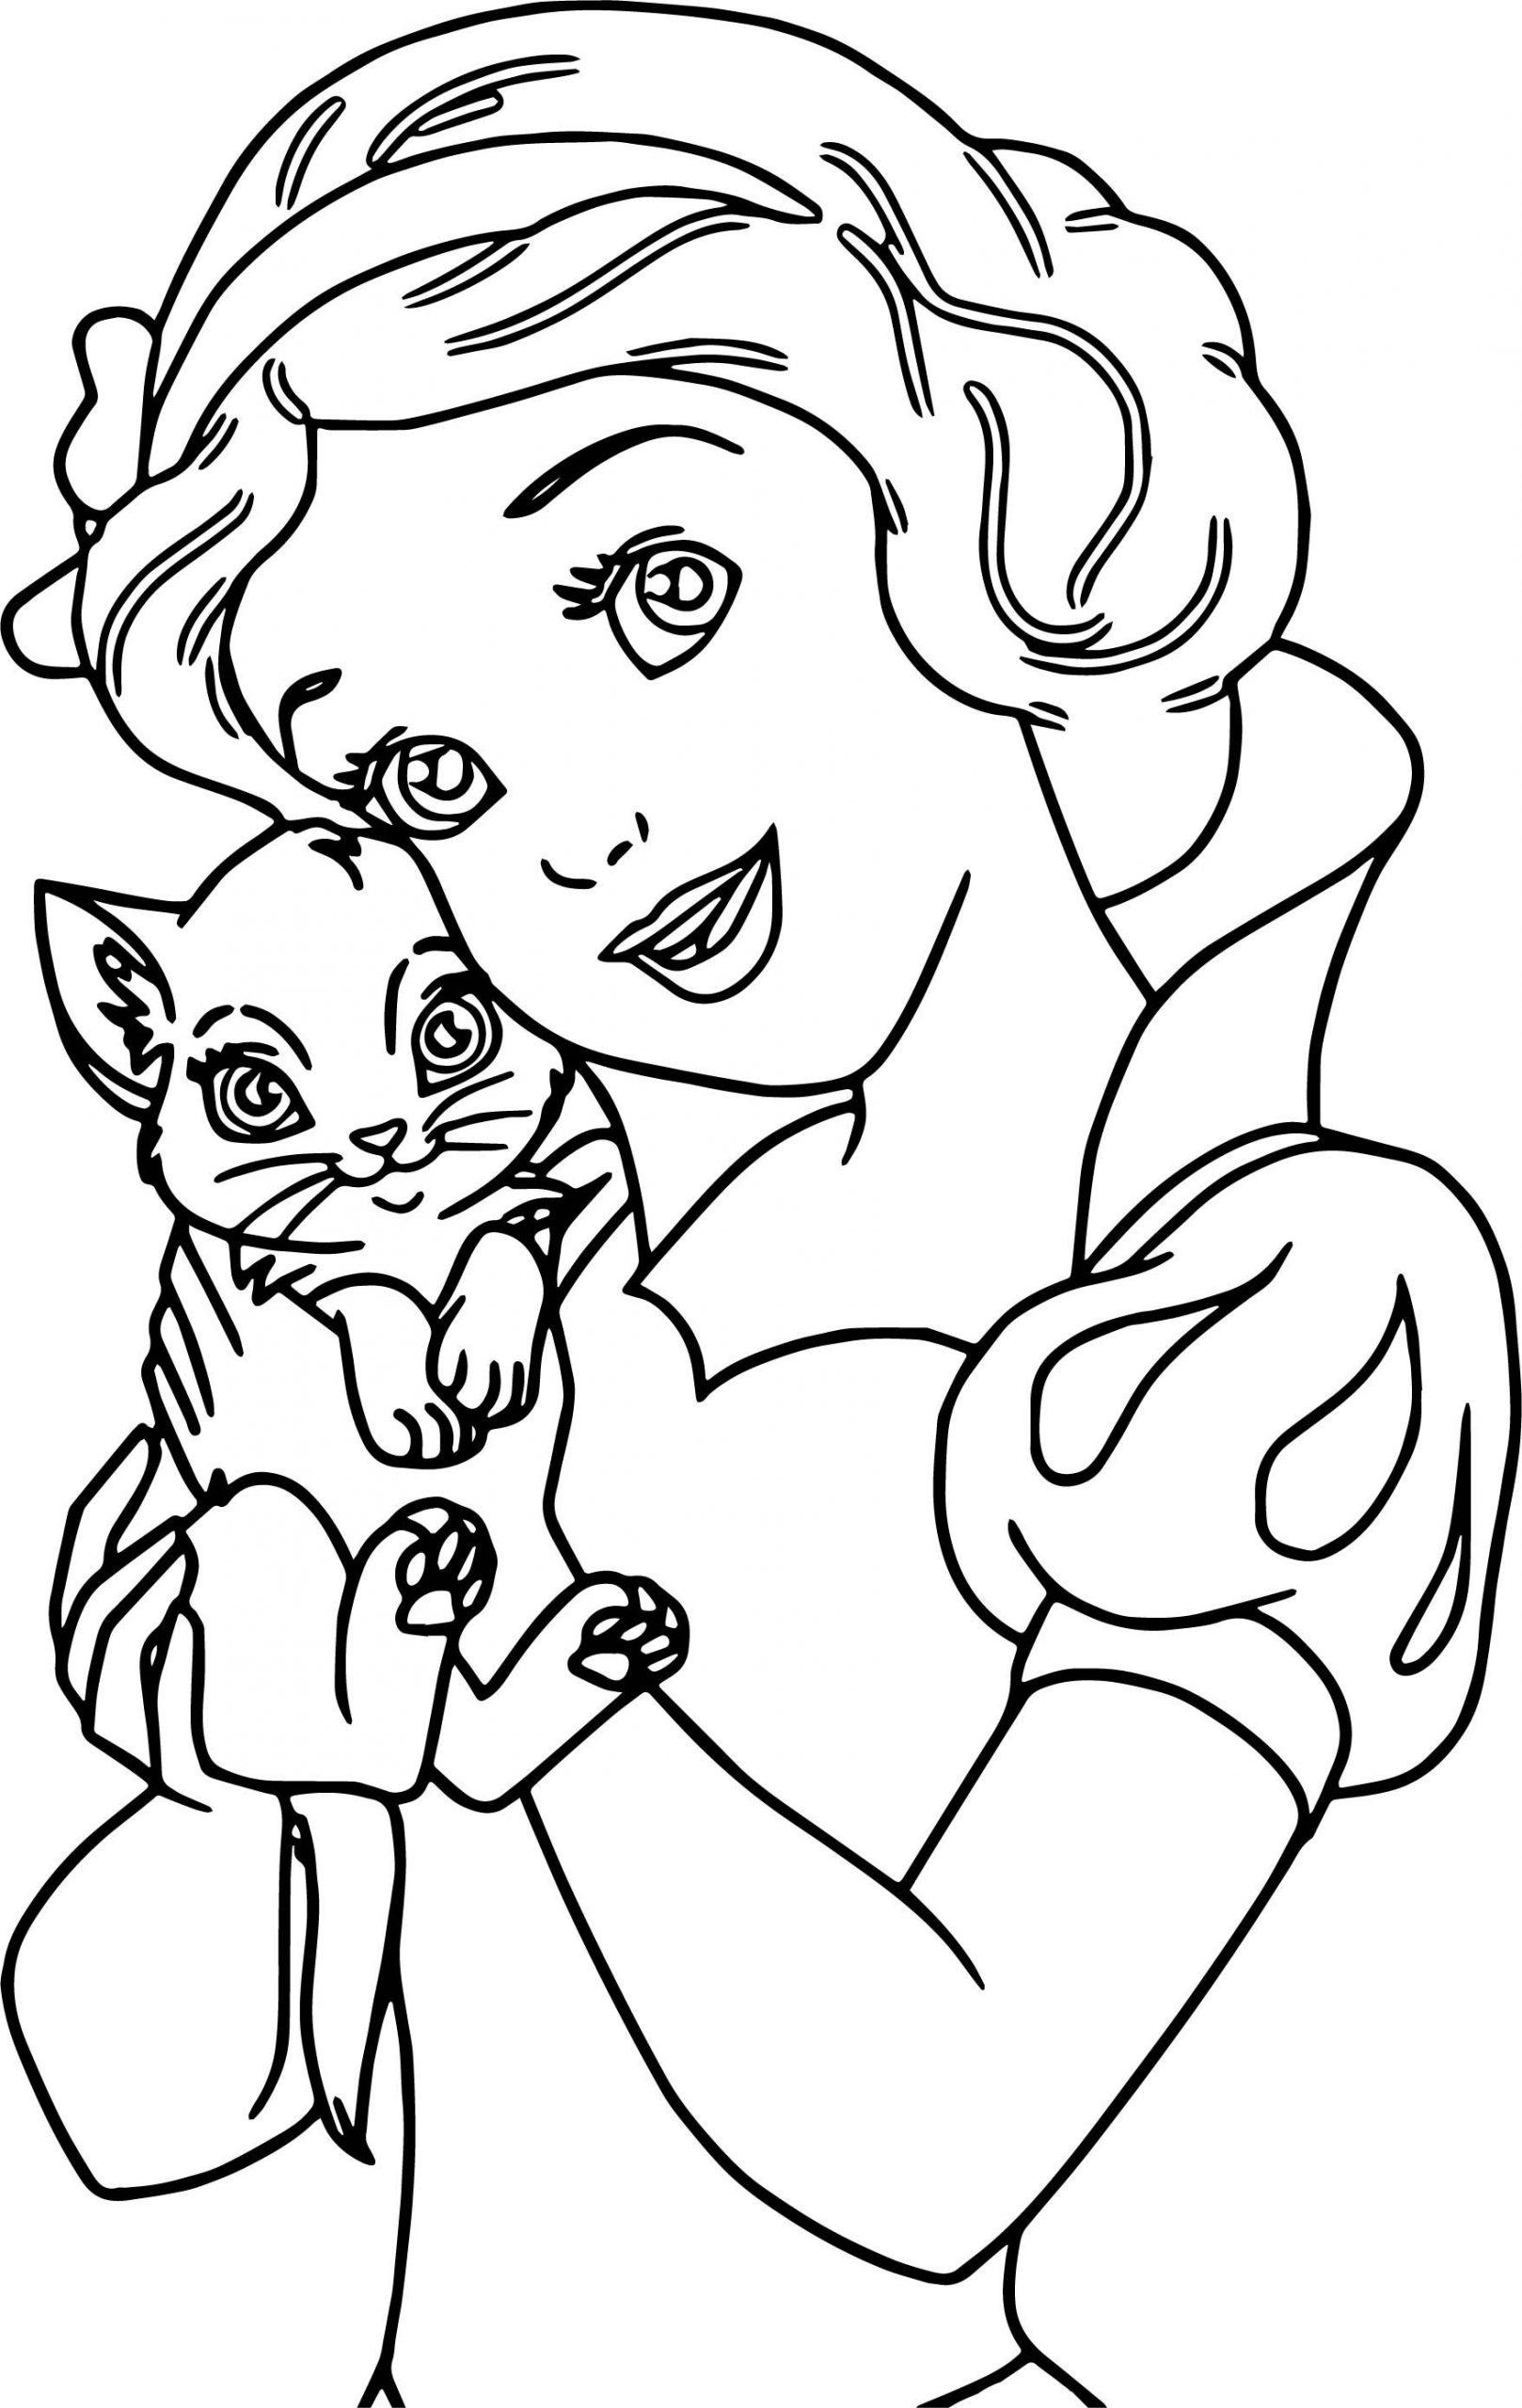 Tranh tô màu công chúa bạch tuyết và chú mèo nhỏ